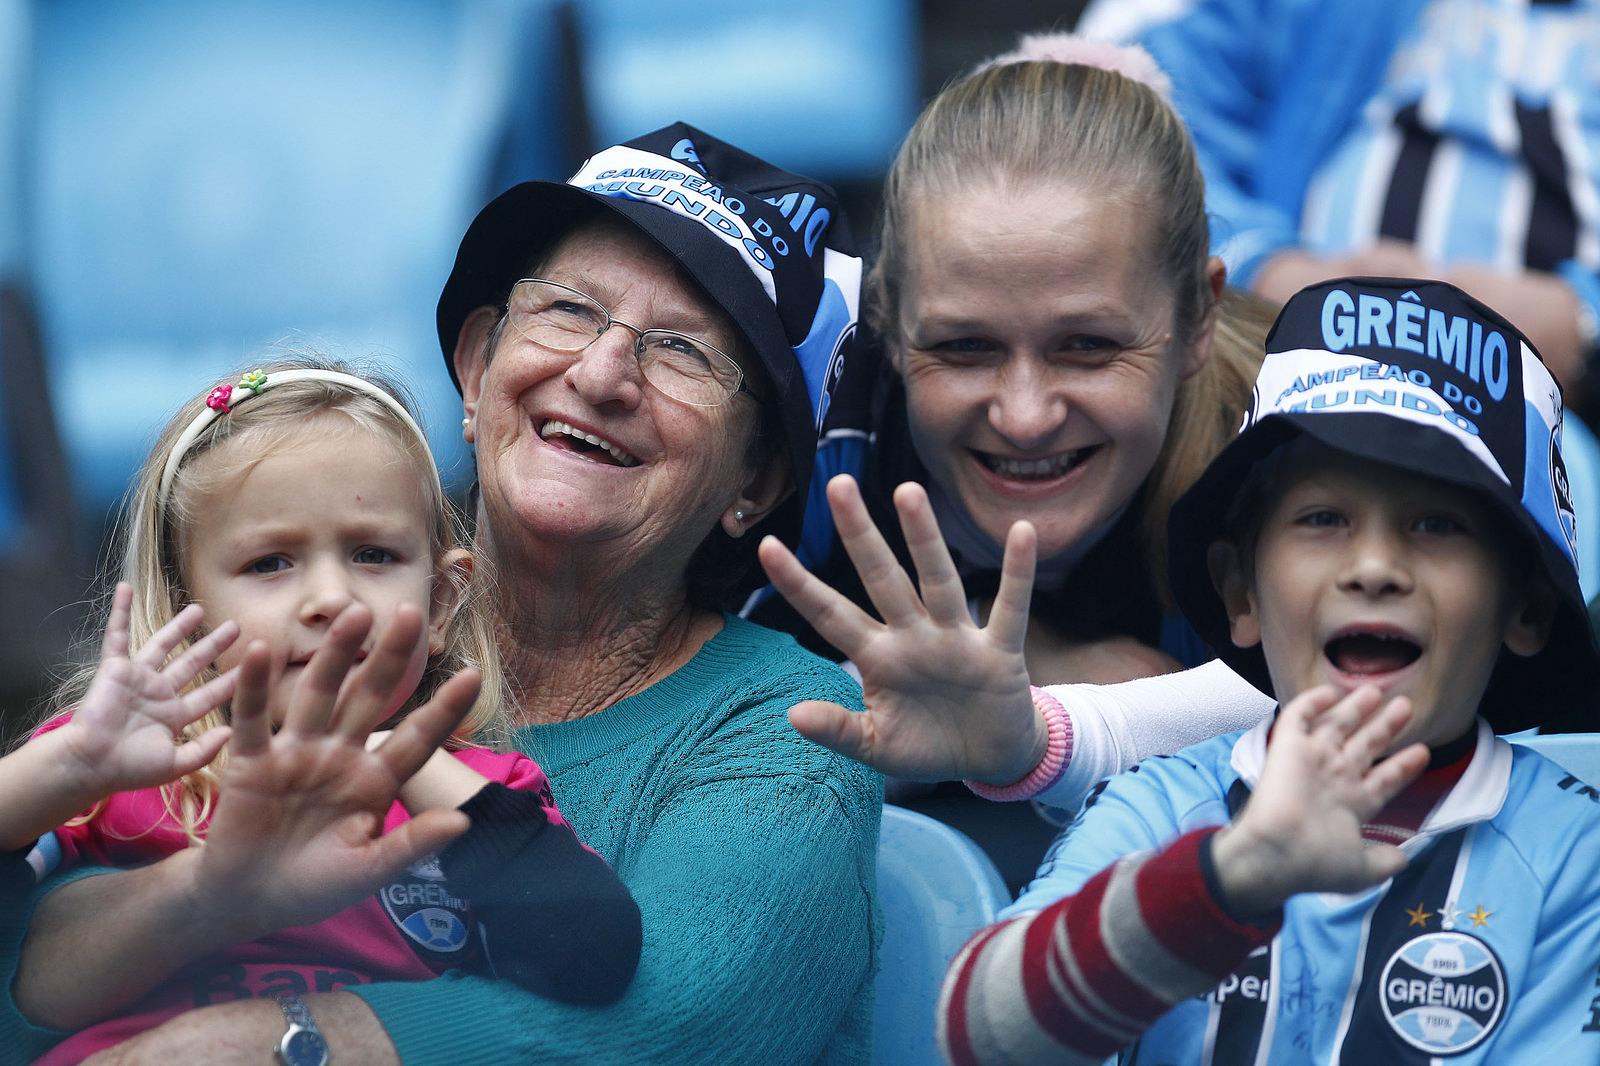 e73989082f Grêmio LibertadorPor mais mulheres no estádio - Grêmio Libertador